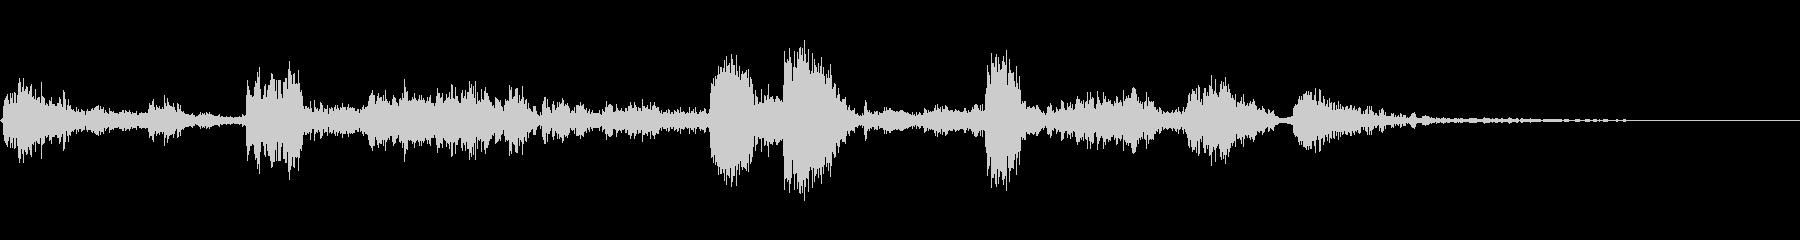 カークラッシュアンドロール3の未再生の波形